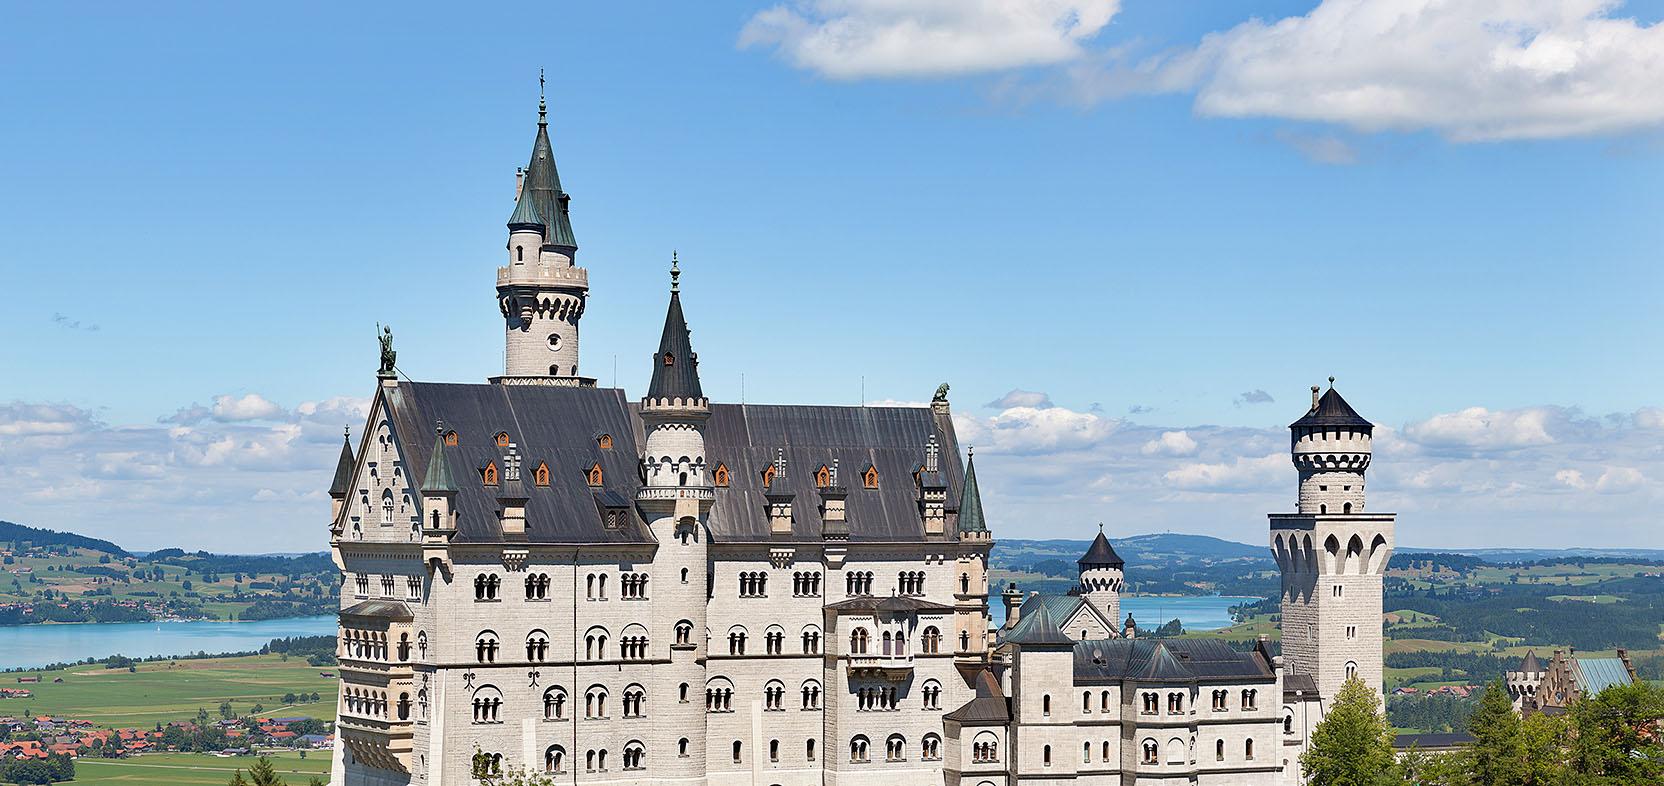 閱讀德國文學,體會西方宗教文化精髓。